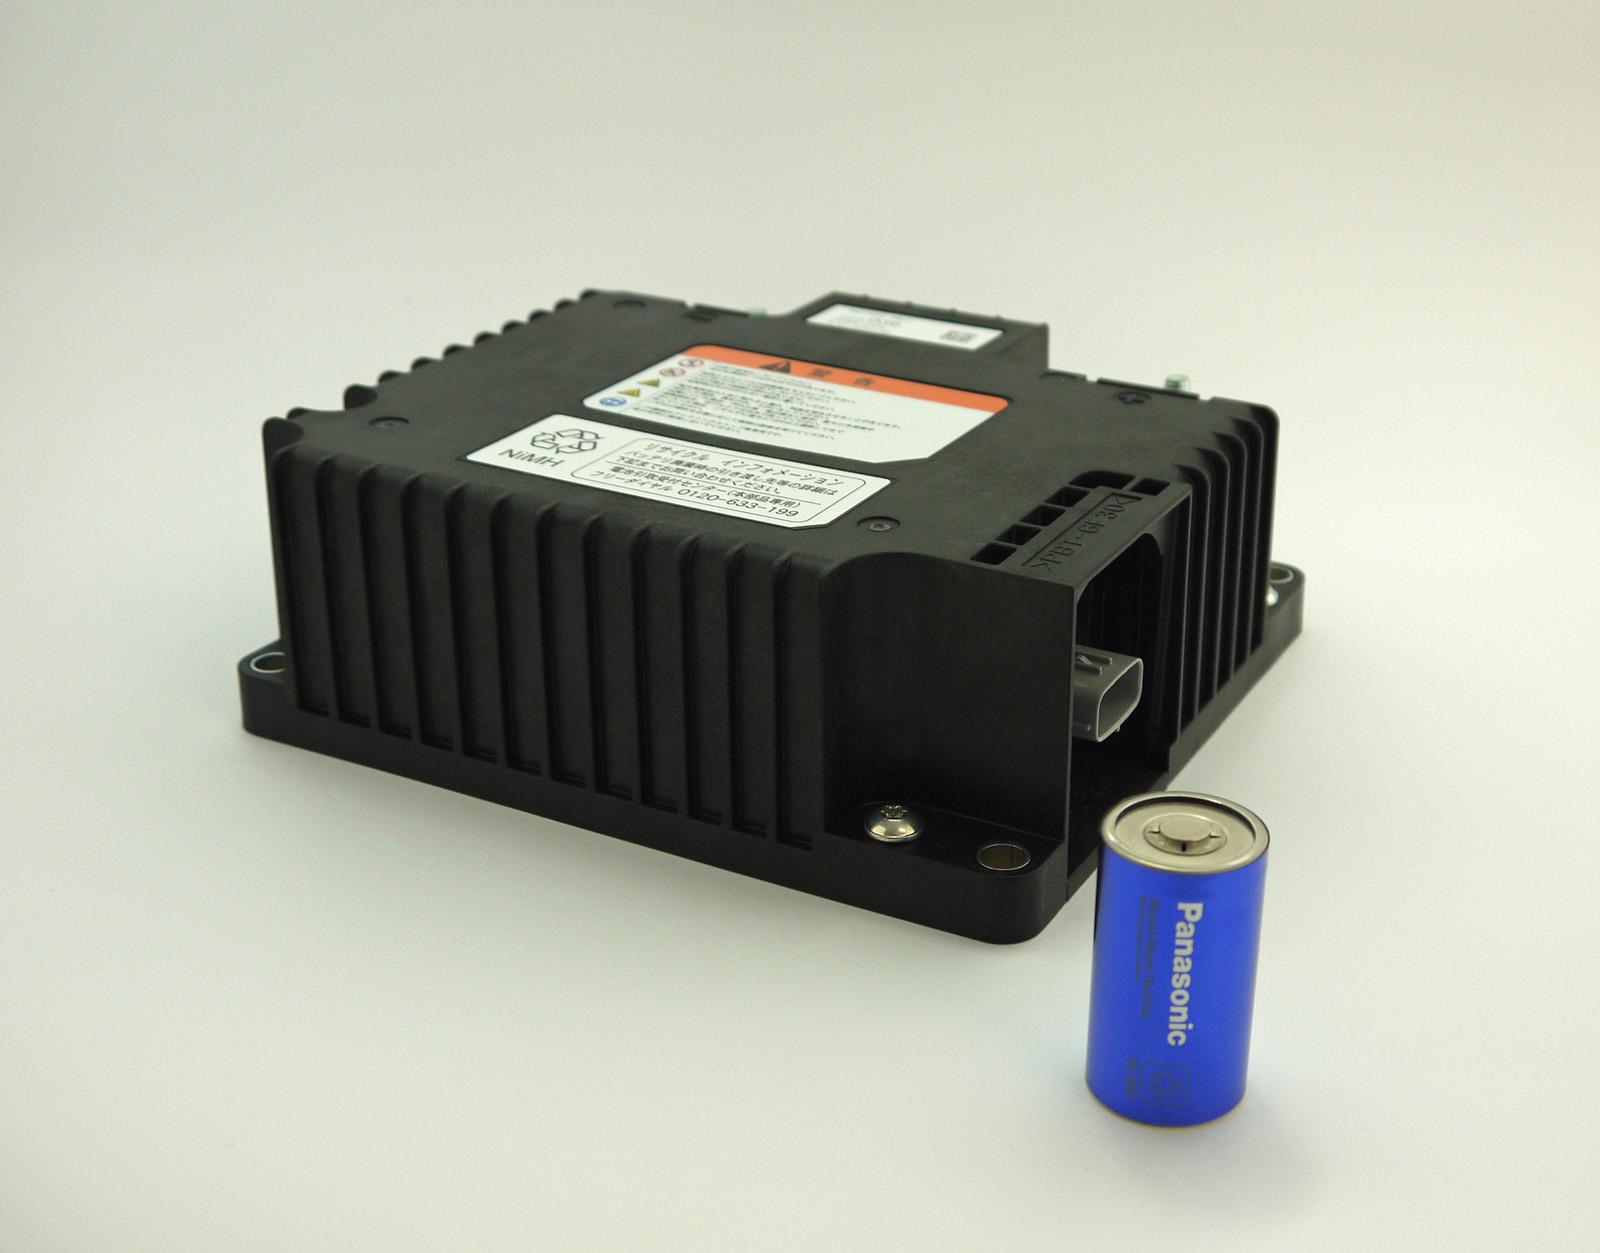 パナソニックの「12V エネルギー回生システム」(奥)、車載用ニッケル水素電池セル(手前)